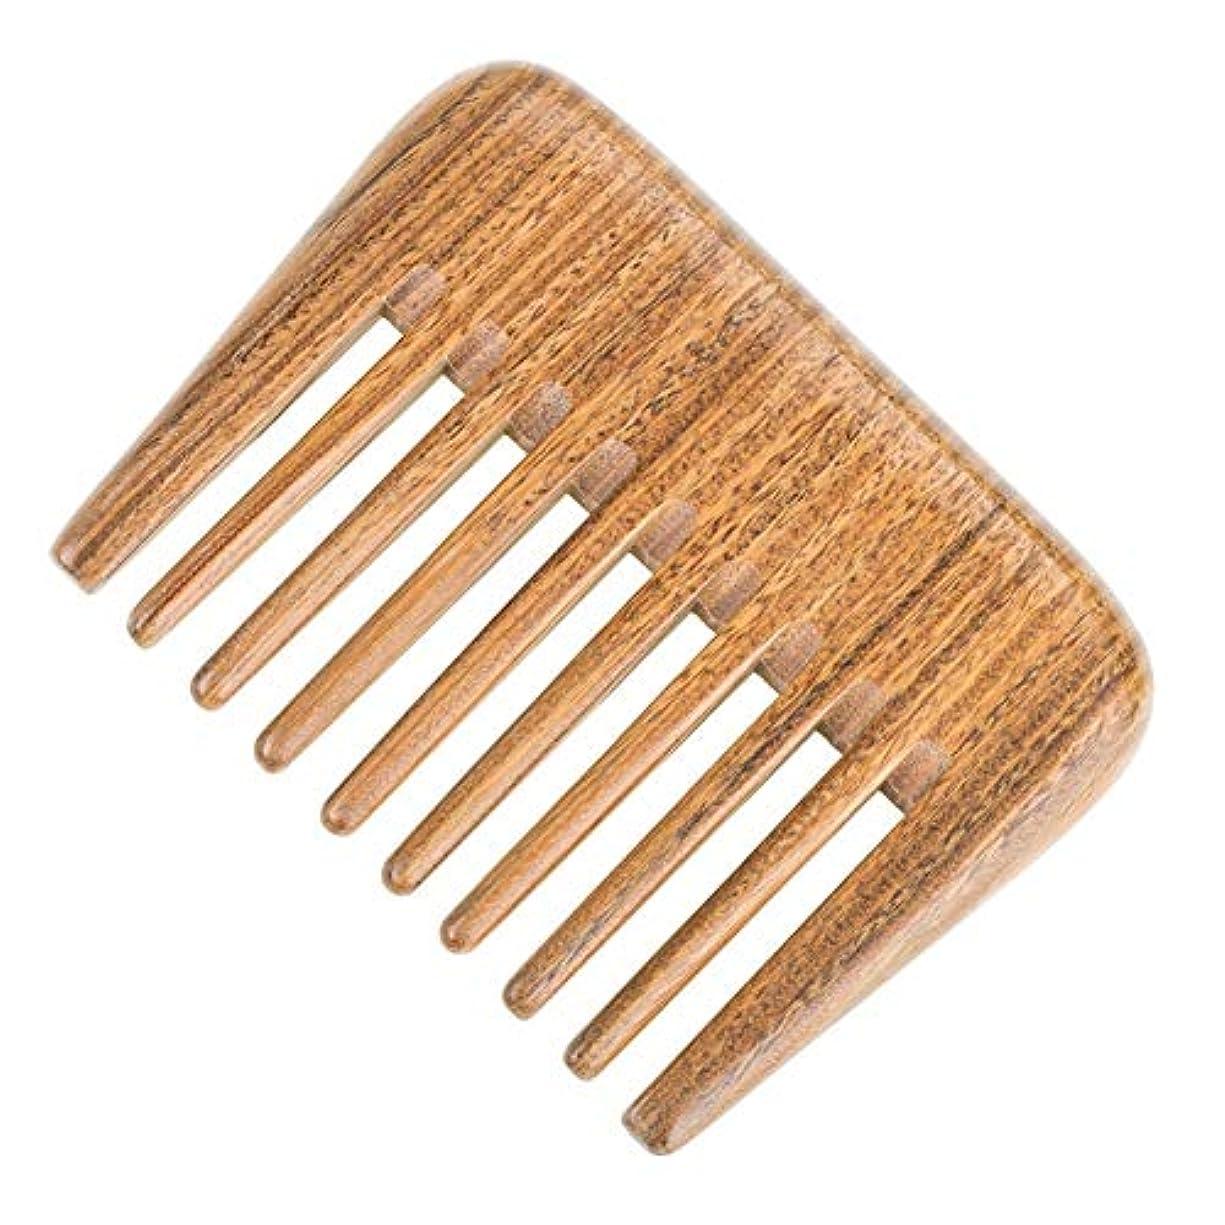 ジャンプクローゼットストレッチGuomao 巻き毛のもつれを解くためのナチュラルグリーンビャクダンの毛の櫛の木製の櫛(広い歯) (Size : 10*7.5 cm)